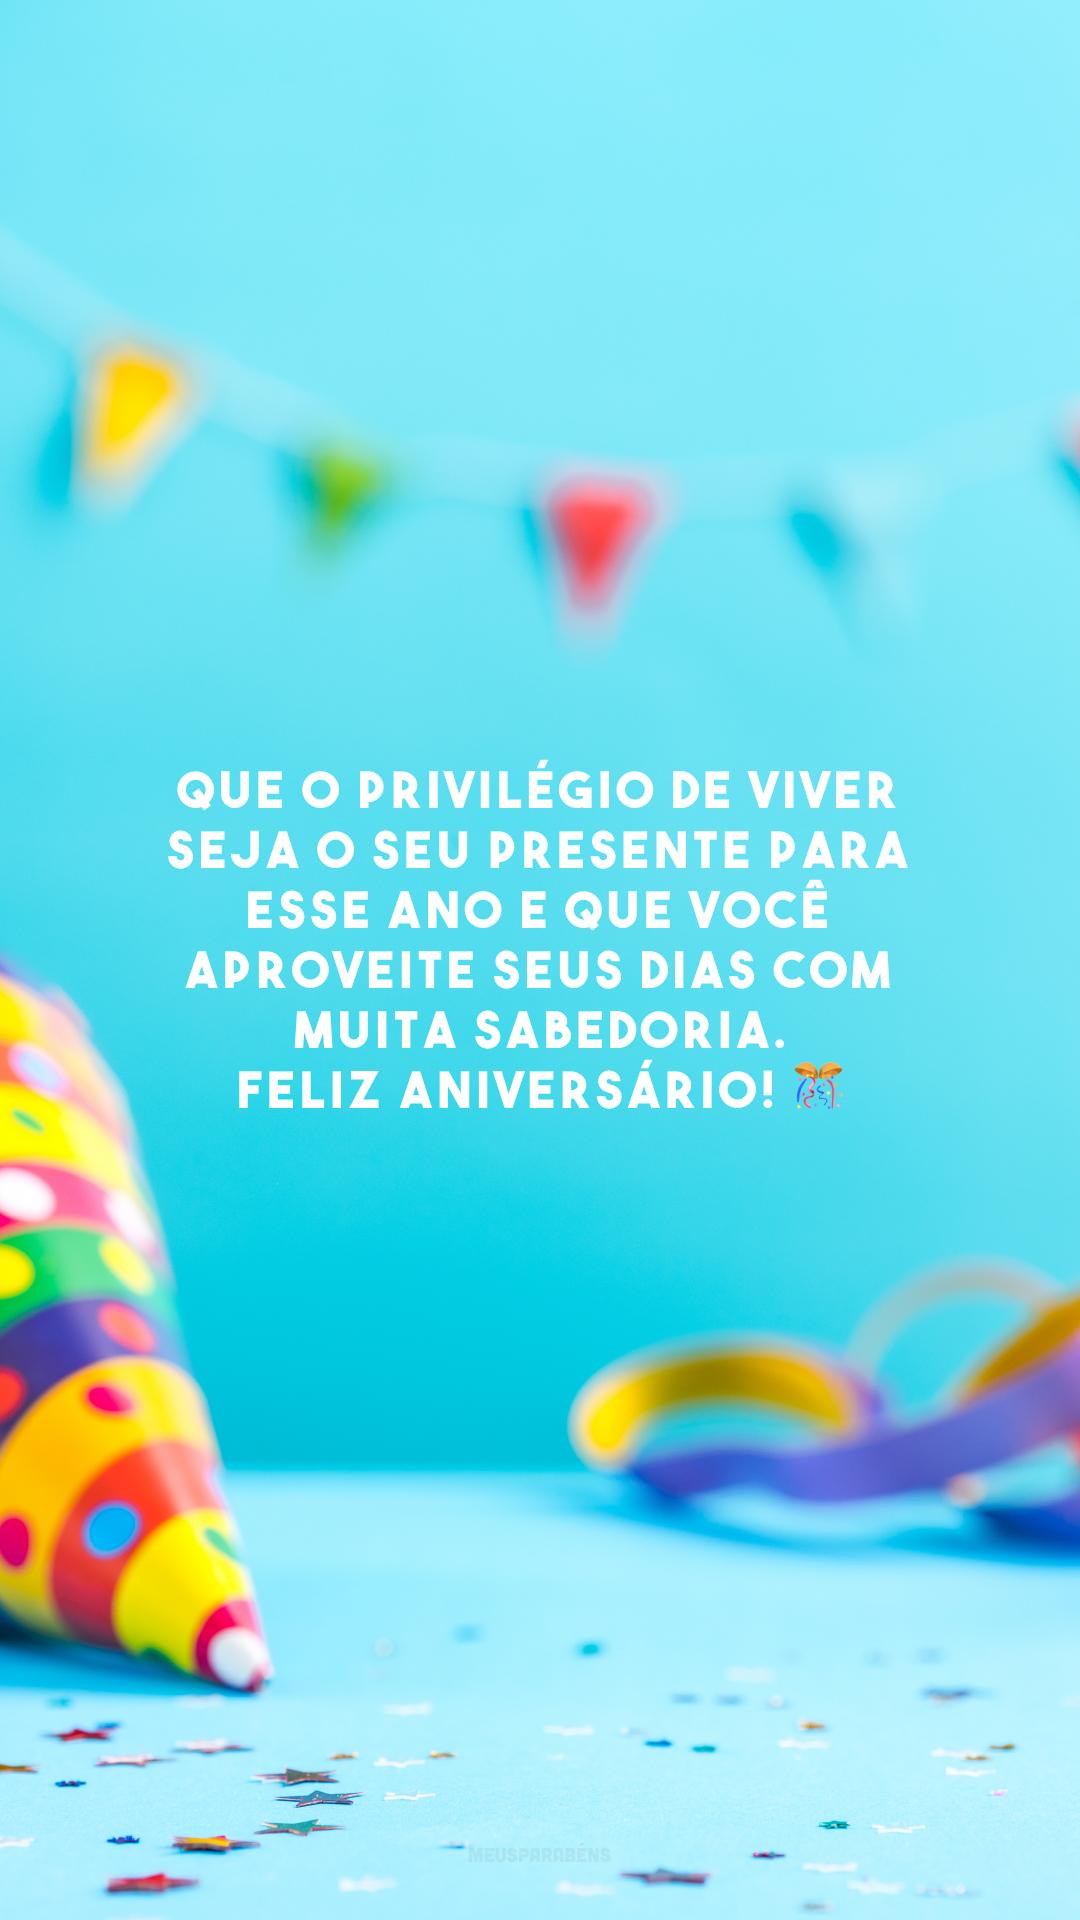 Que o privilégio de viver seja o seu presente para esse ano e que você aproveite seus dias com muita sabedoria. Feliz aniversário! 🎊